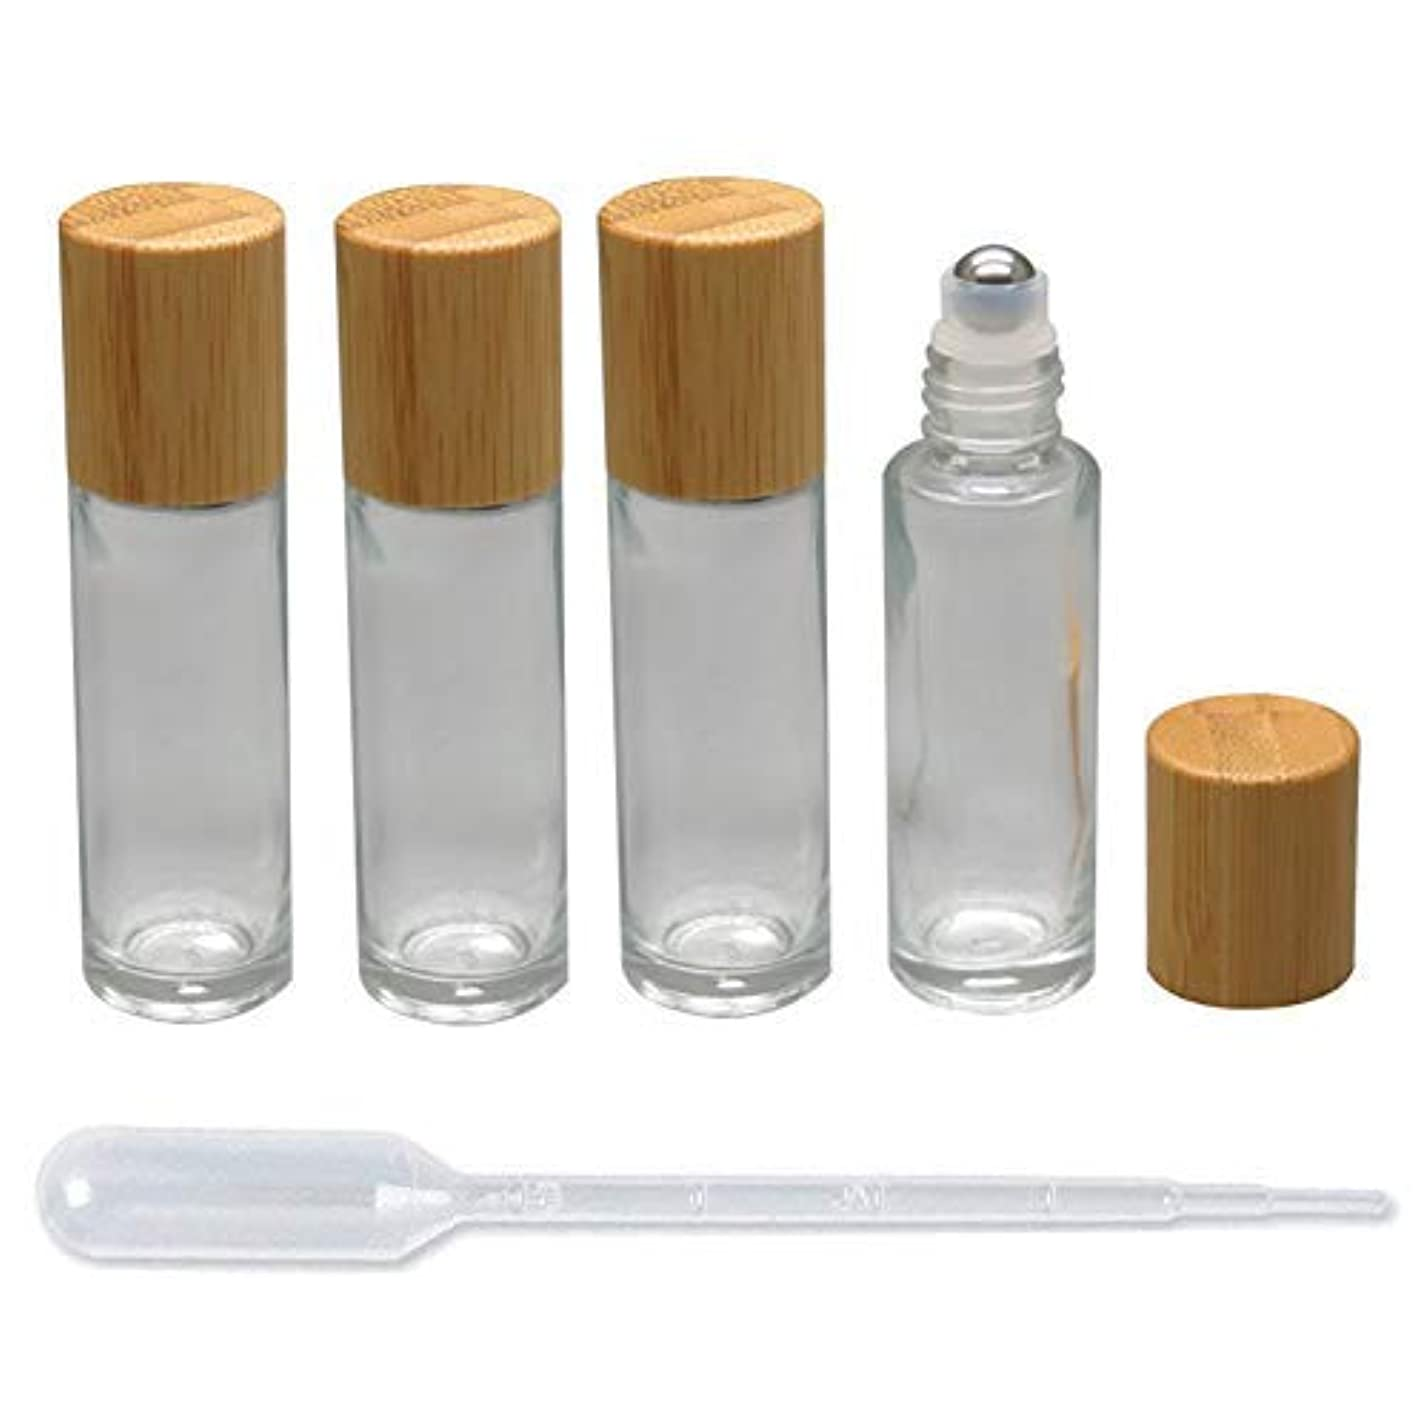 囲まれたフレキシブル緩やかな4 Pieces Roll On Bottles 15ml Clear Glass Roller Bottles with Bamboo Lid Empty Refillable Essential Oil Roller...